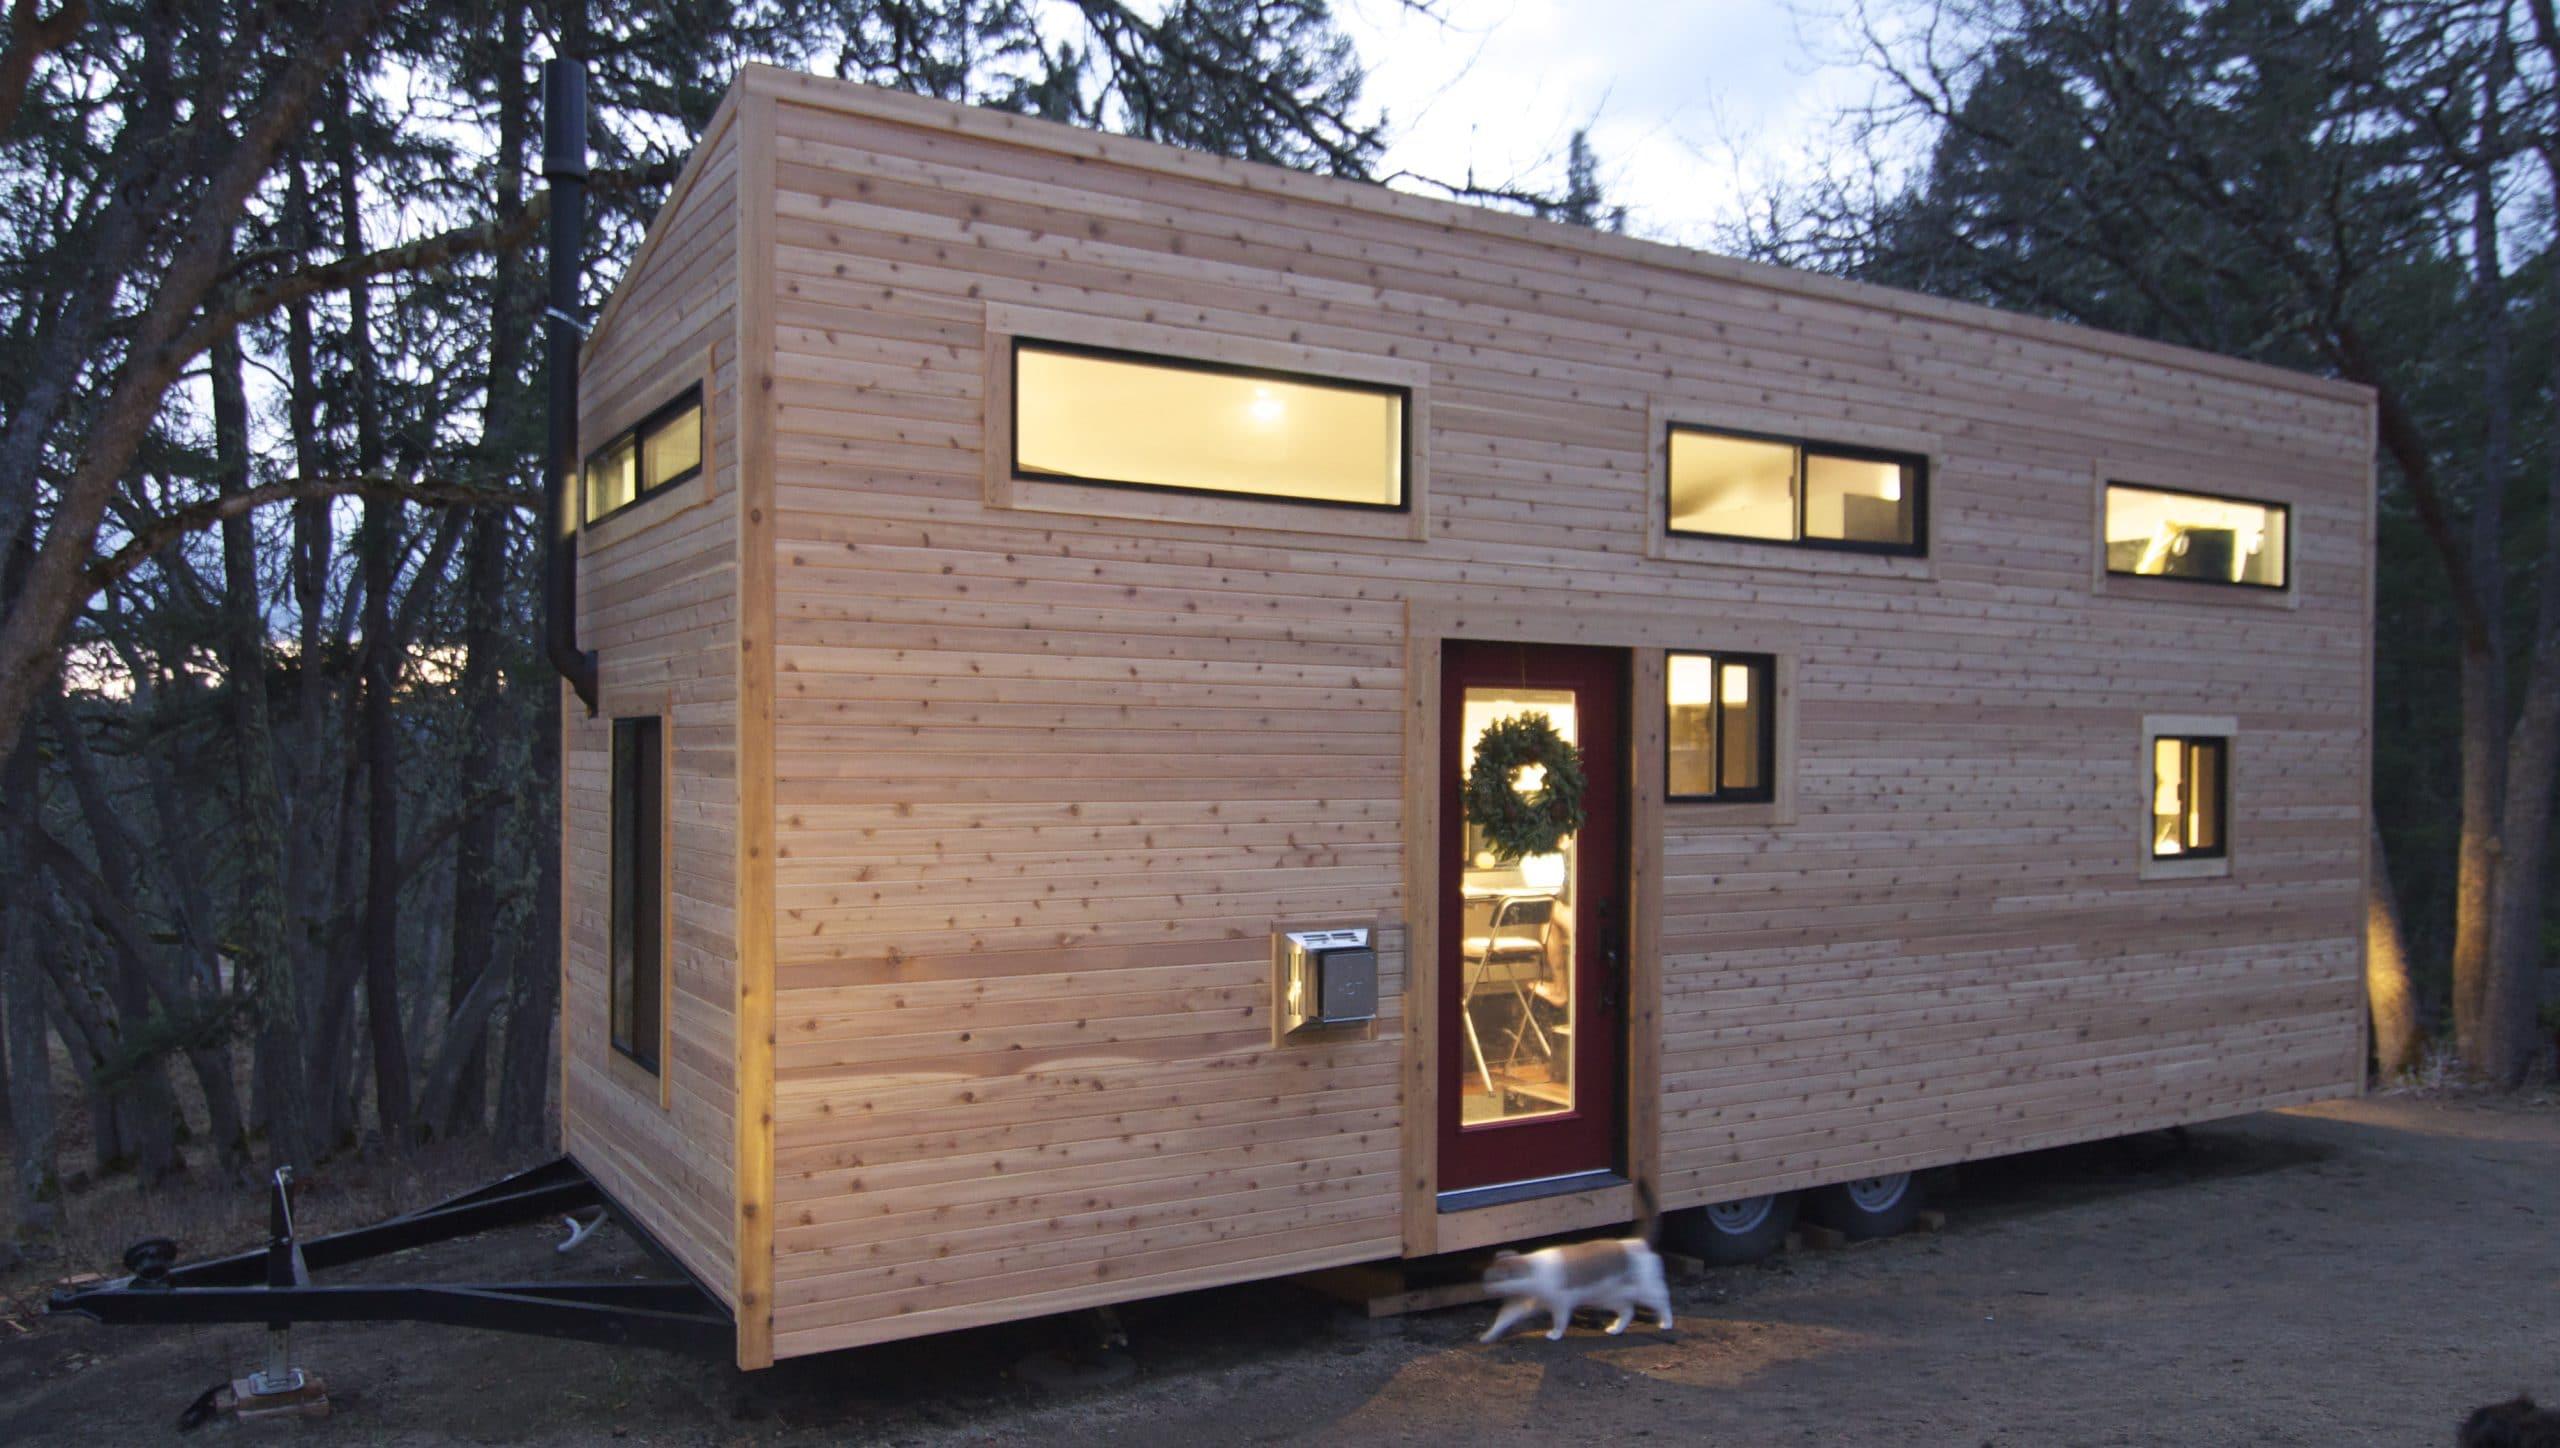 Dise o de casa muy peque a optimizando espacios for Casas de madera pequenas